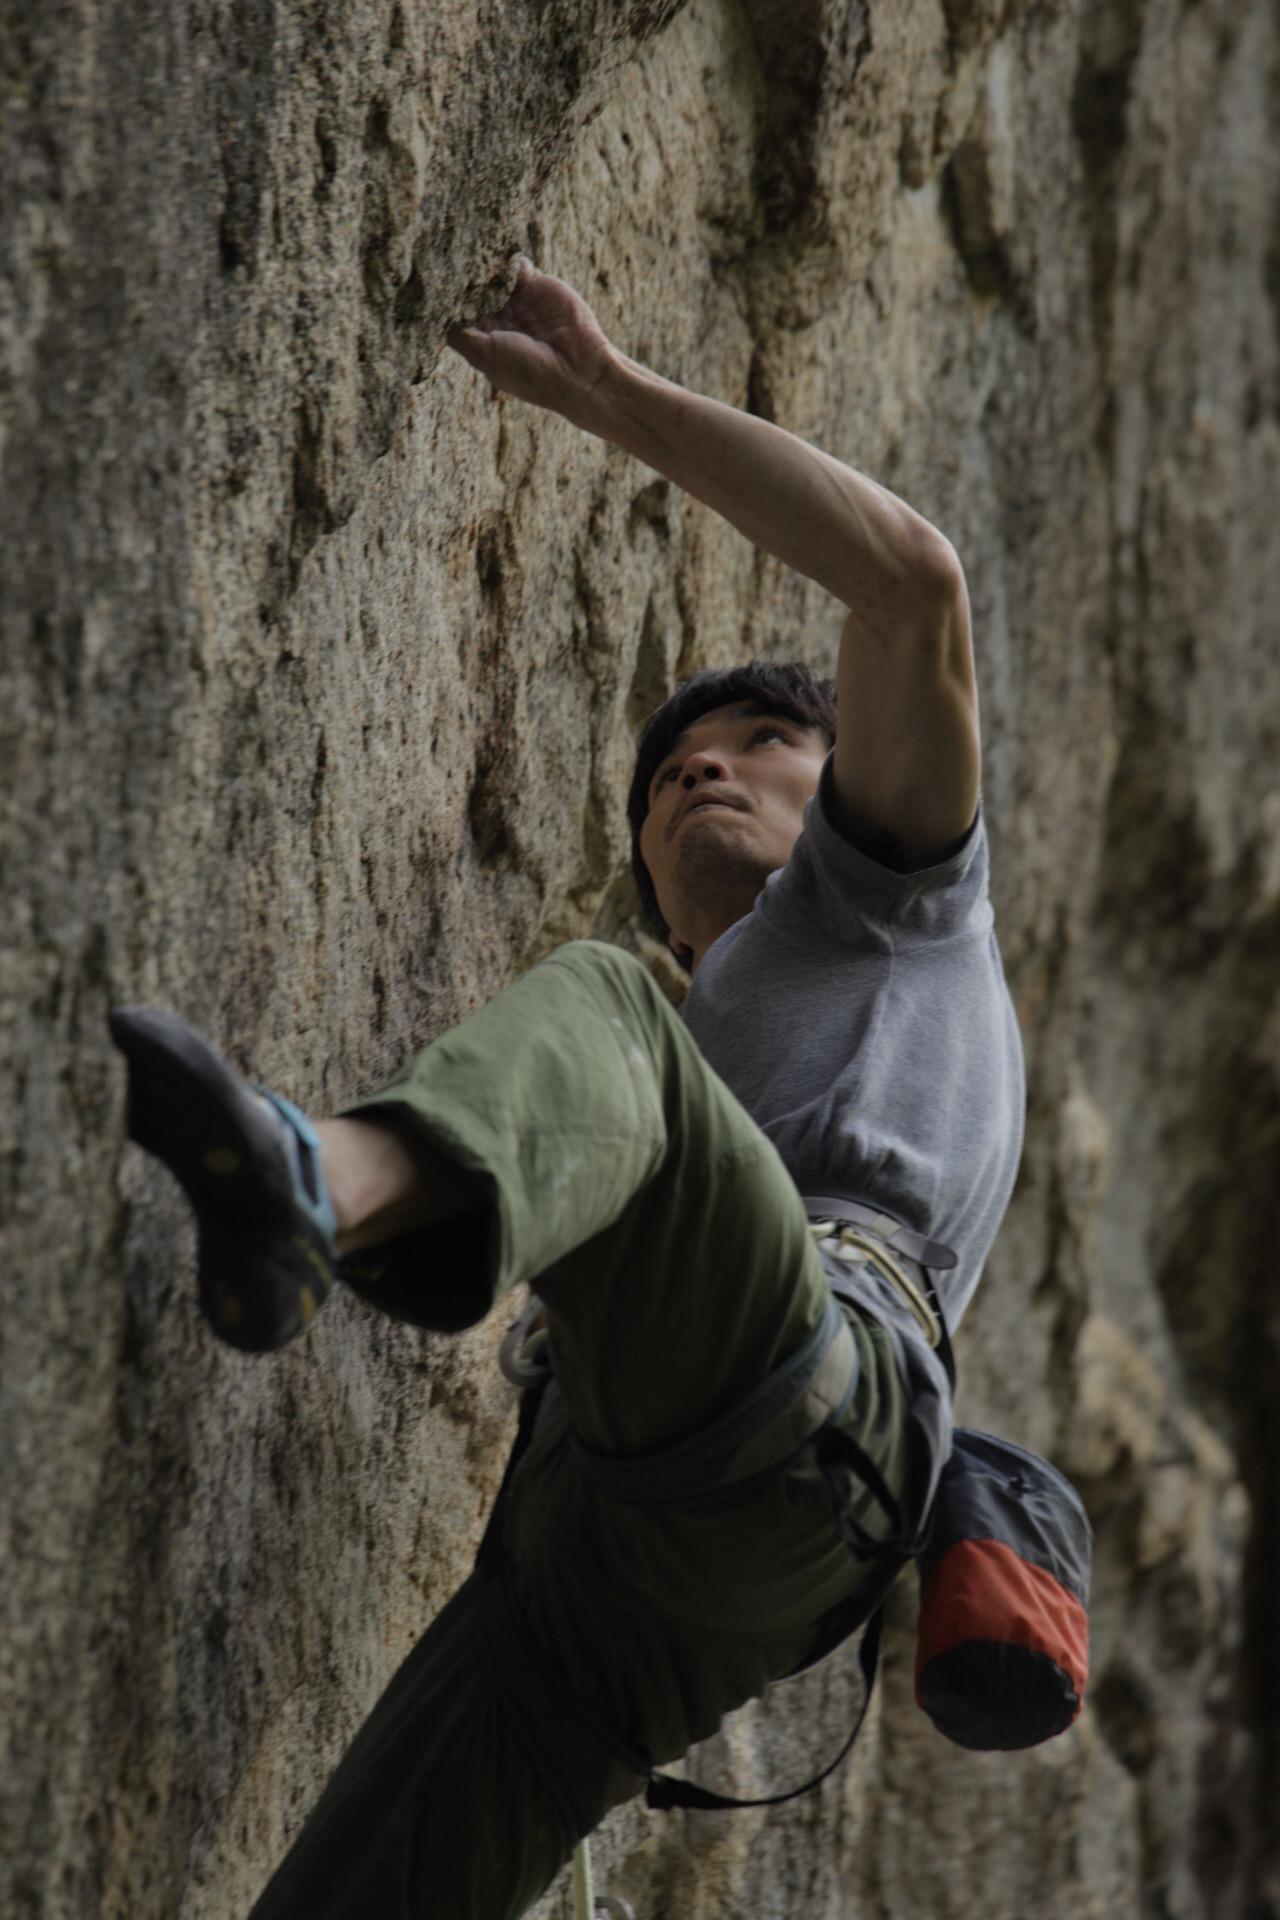 瑞牆で得た手痛い教訓、そしてNDDが素晴らしかった